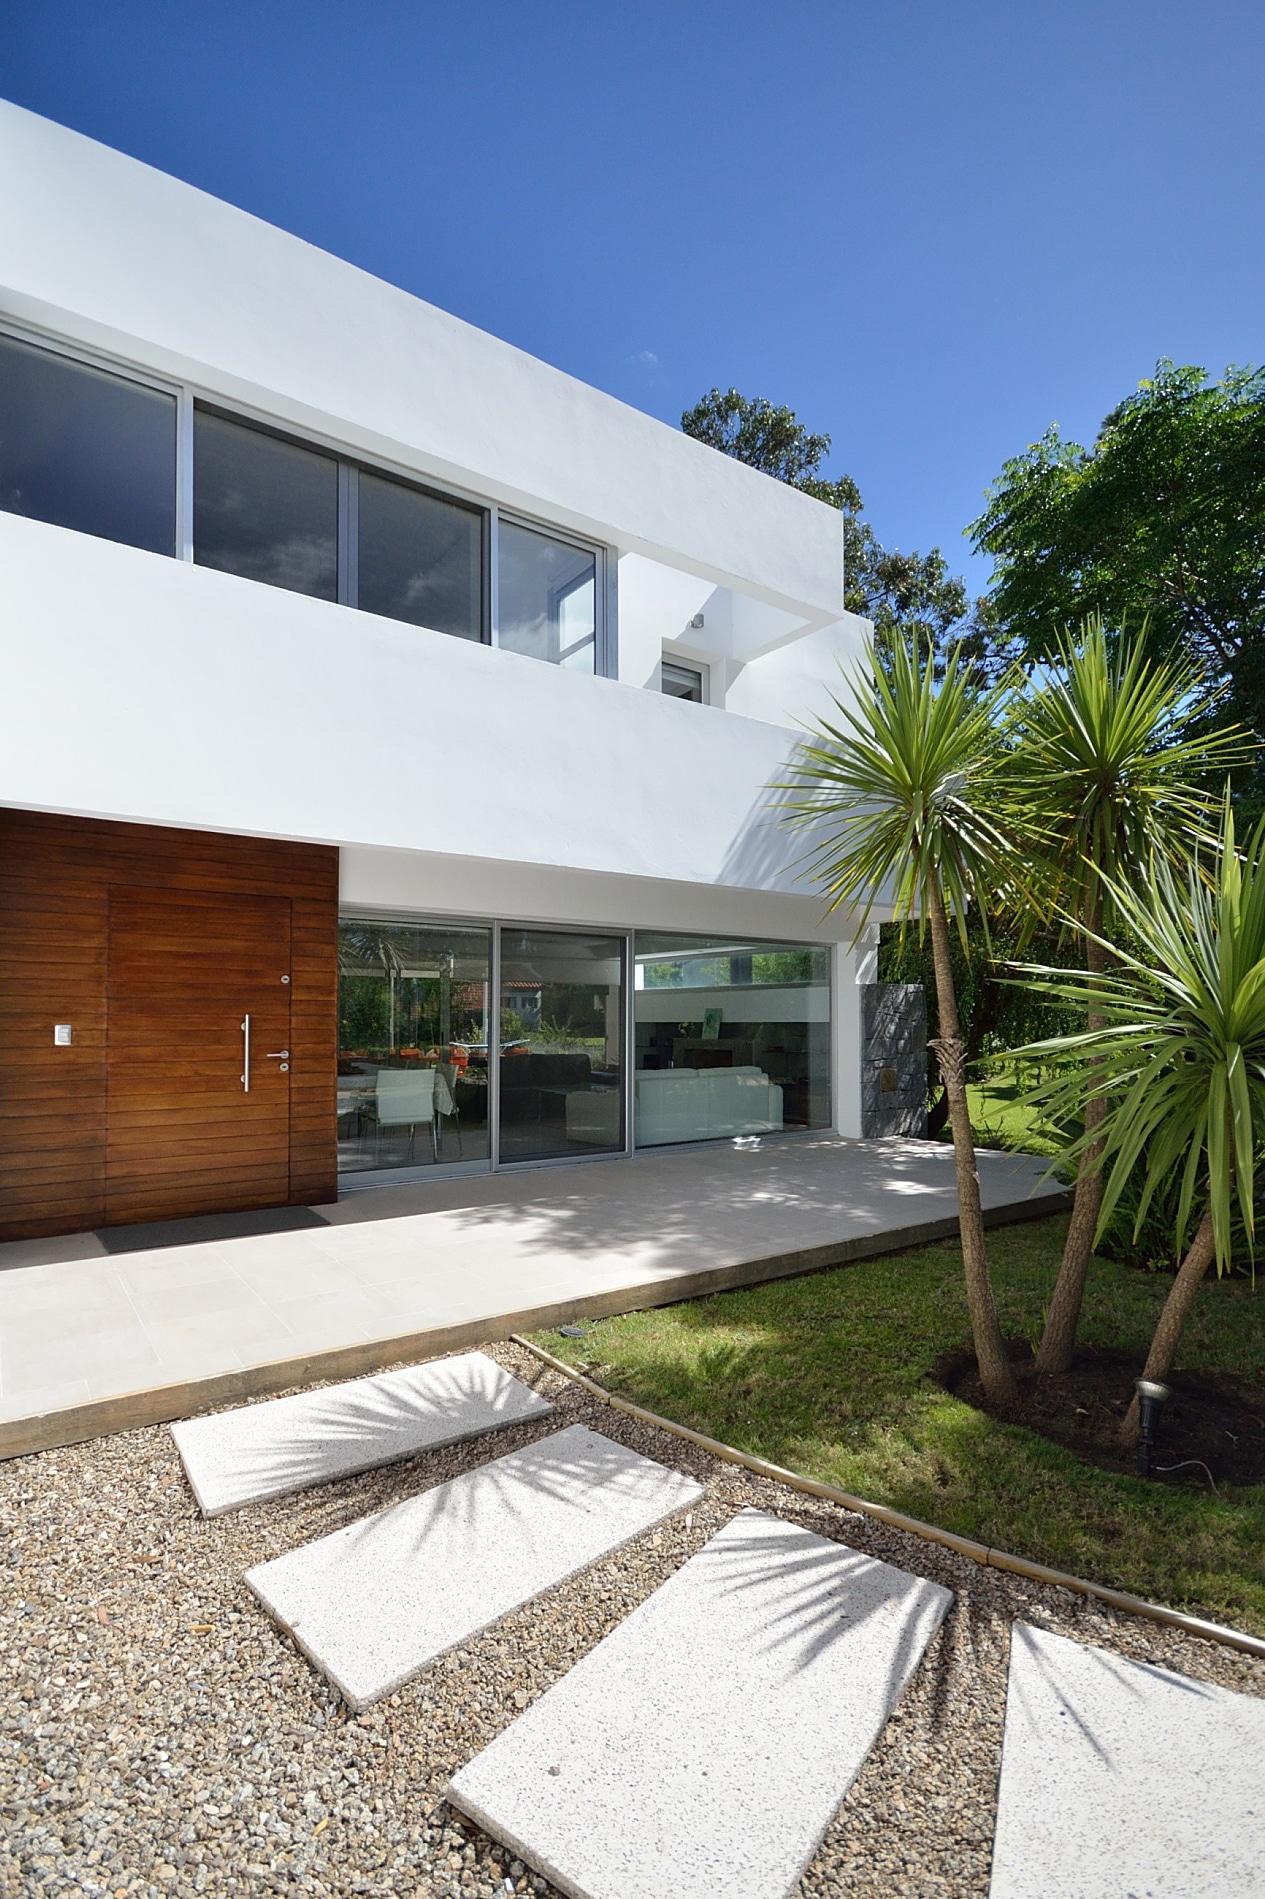 Casa brava house canexel - Casas blancas modernas ...